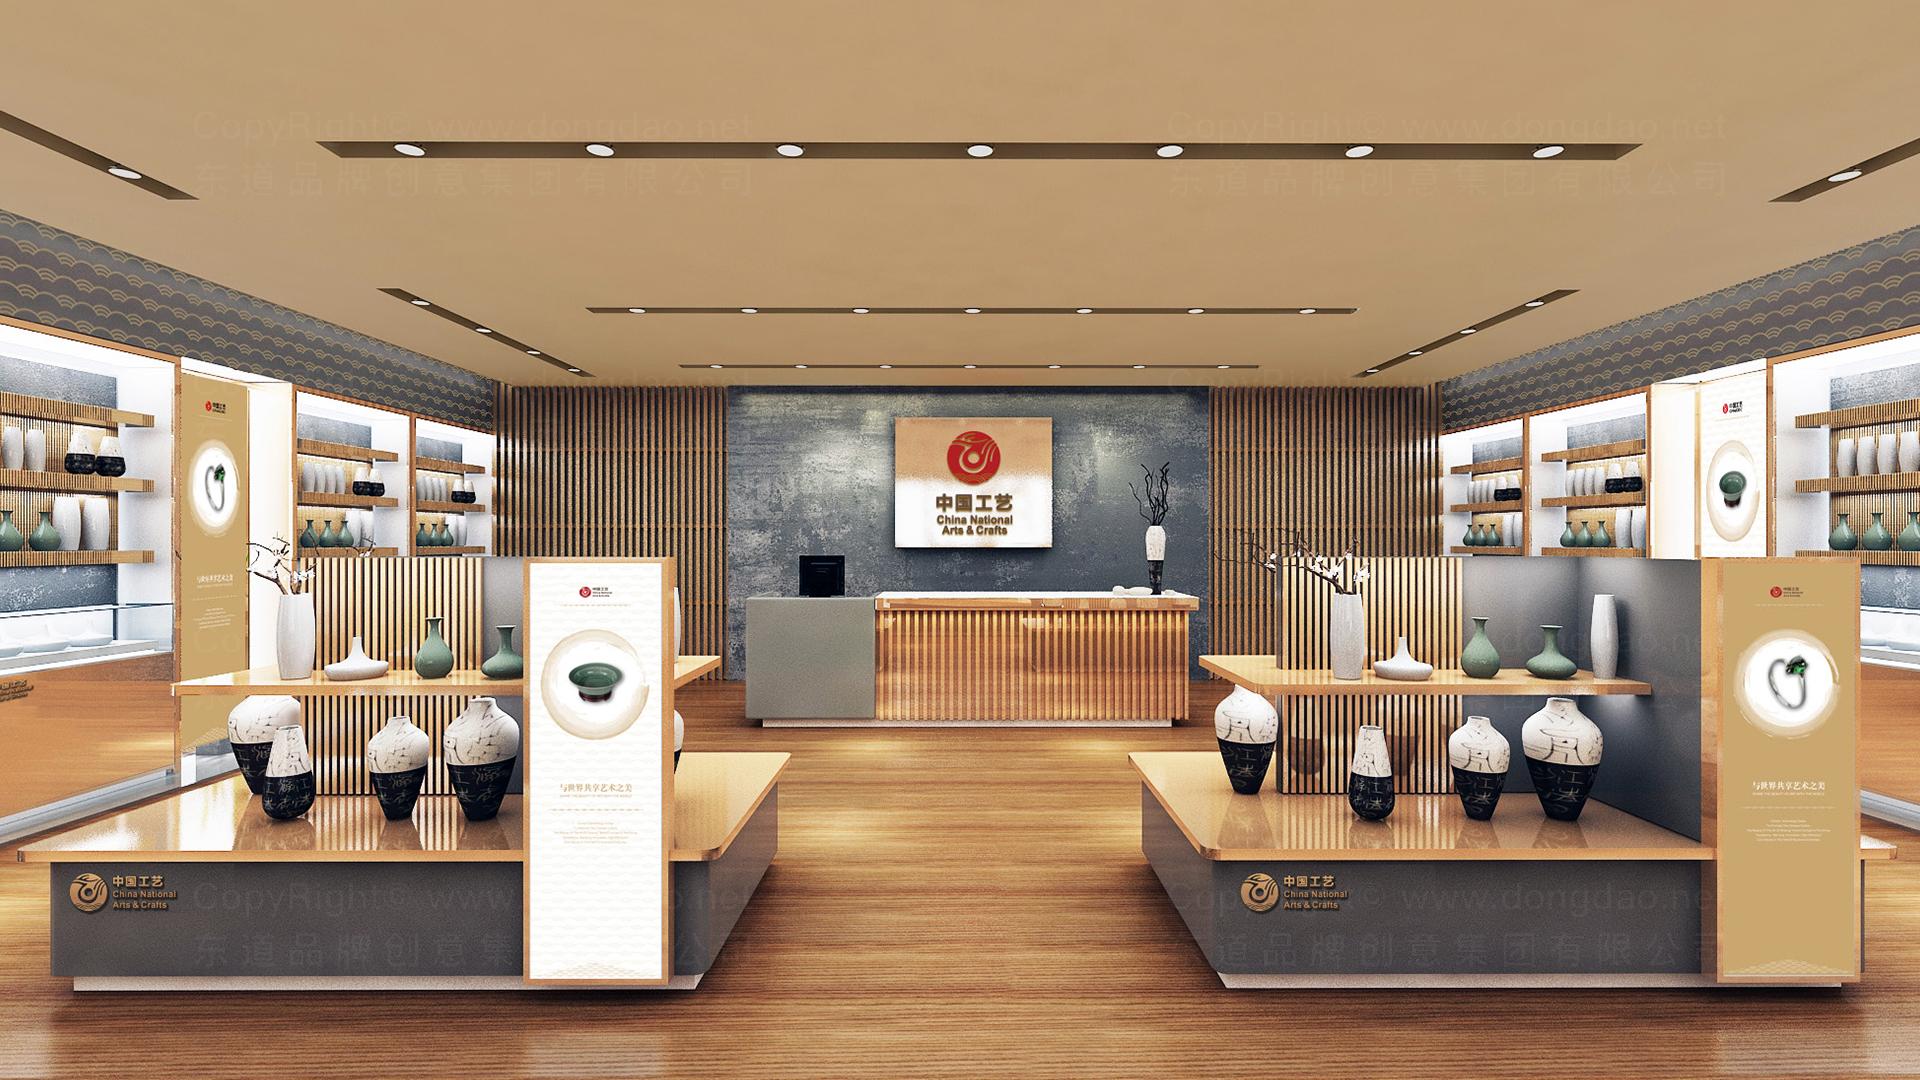 商业空间&导示中国工艺集团新零售终端SI设计应用场景_1